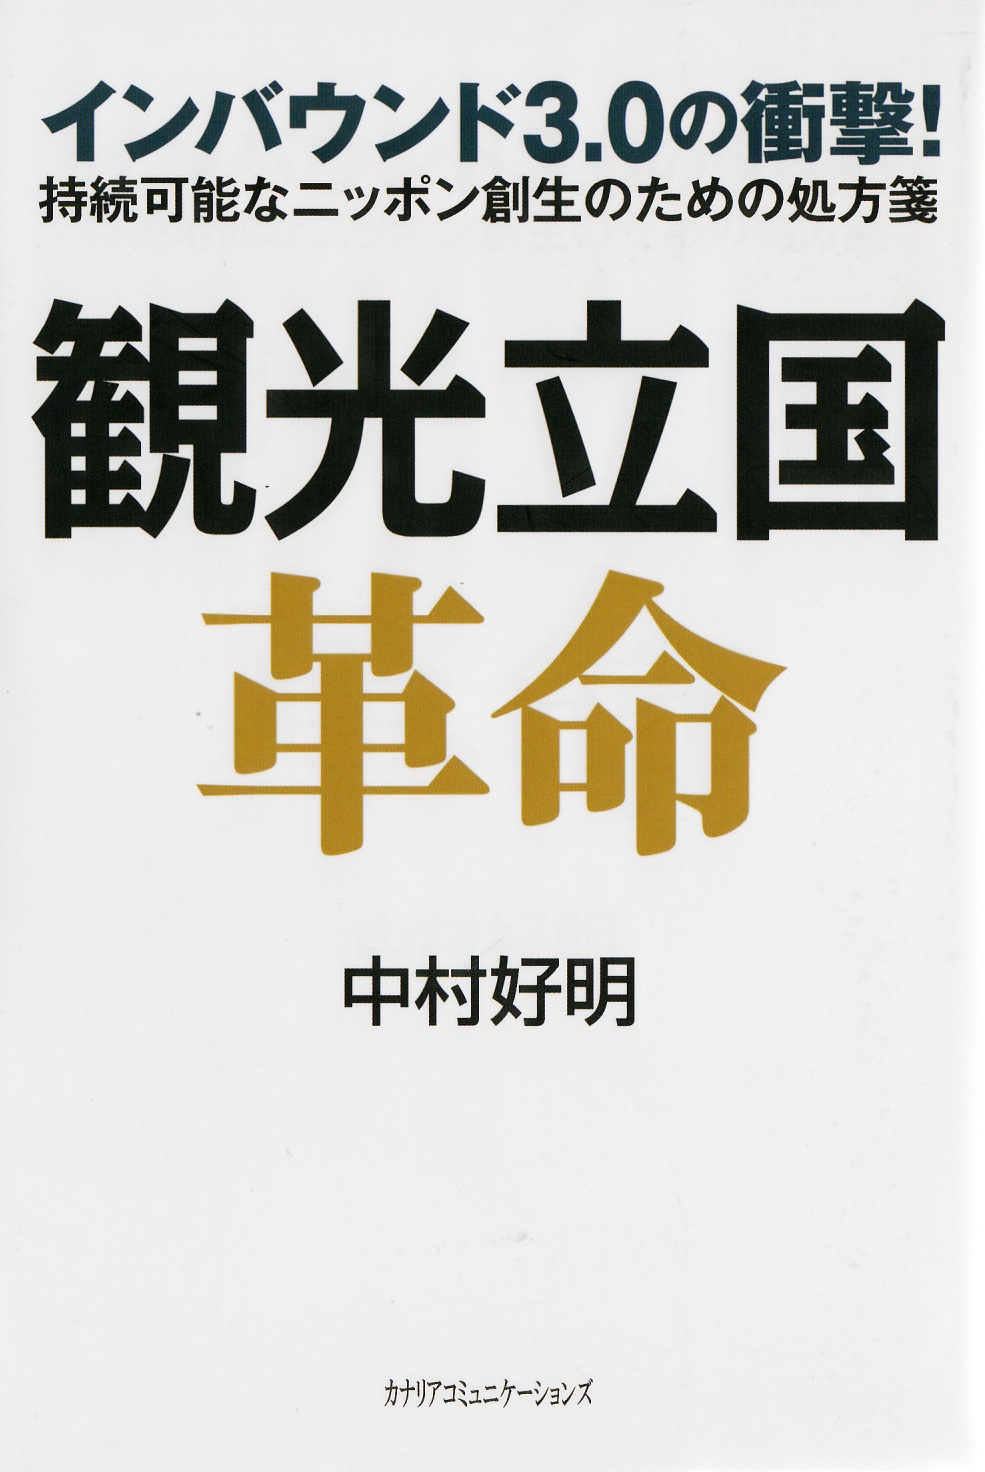 【 緊急・企画 】10:00~インバウンド戦略・・「指名される講師になる!」 講師塾